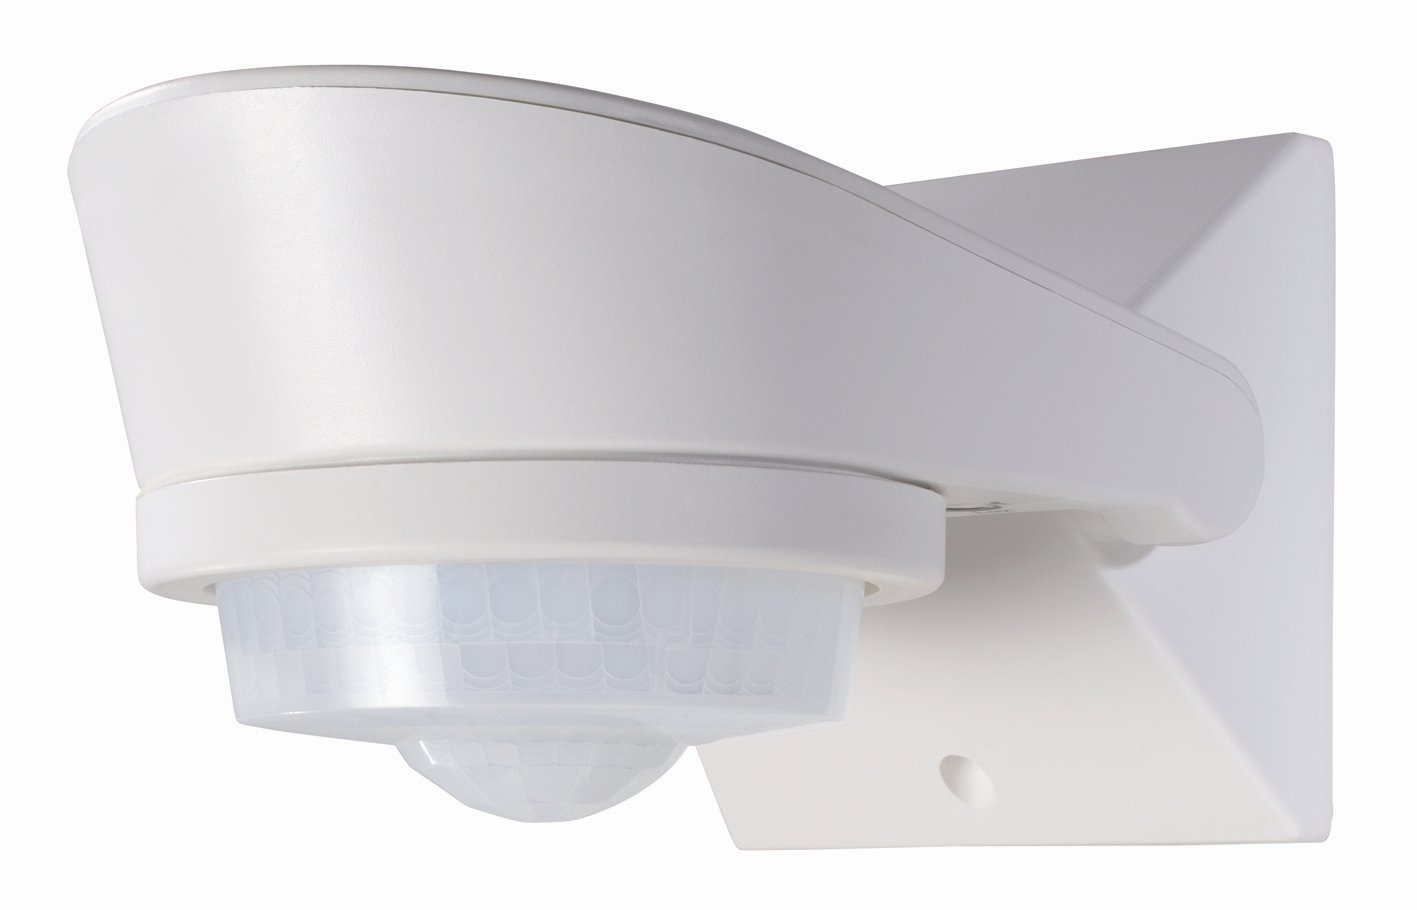 Theben 1010460 Bewegungsmelde Luxa 101360 weiß  BaumarktKundenbewertung und Beschreibung